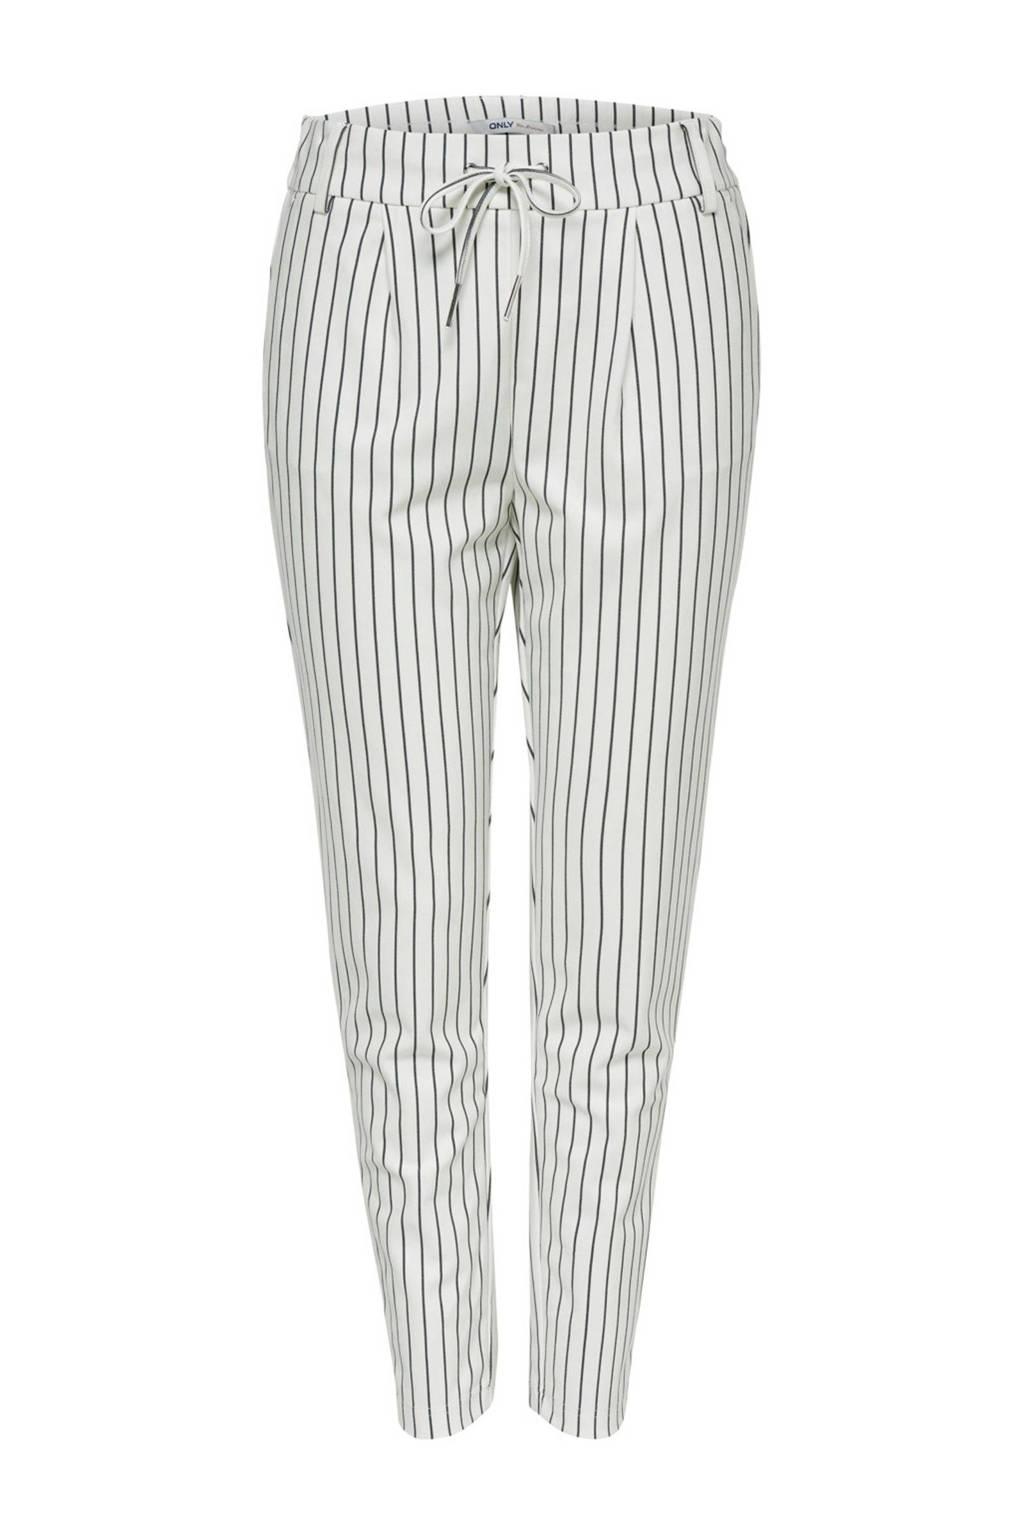 ONLY gestreepte broek, Wit/zwart